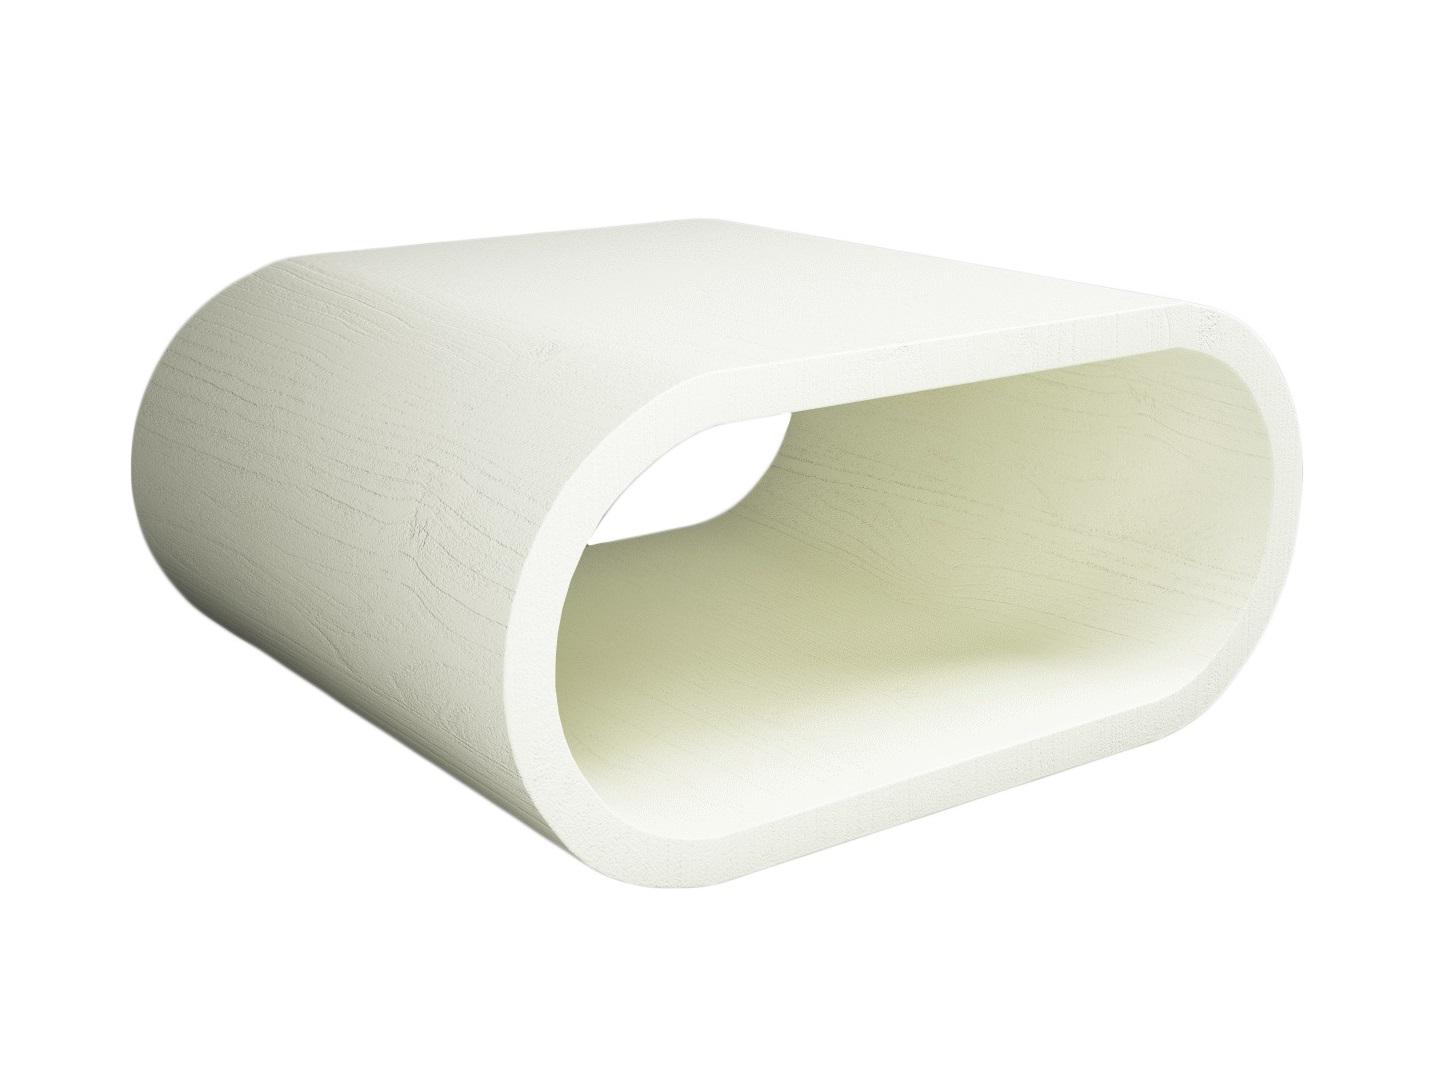 Стол ЦиклЖурнальные столики<br>Оригинальный дизайнерский столик безупречного качества!<br><br>Material: МДФ<br>Ширина см: 100.0<br>Высота см: 46.0<br>Глубина см: 77.0